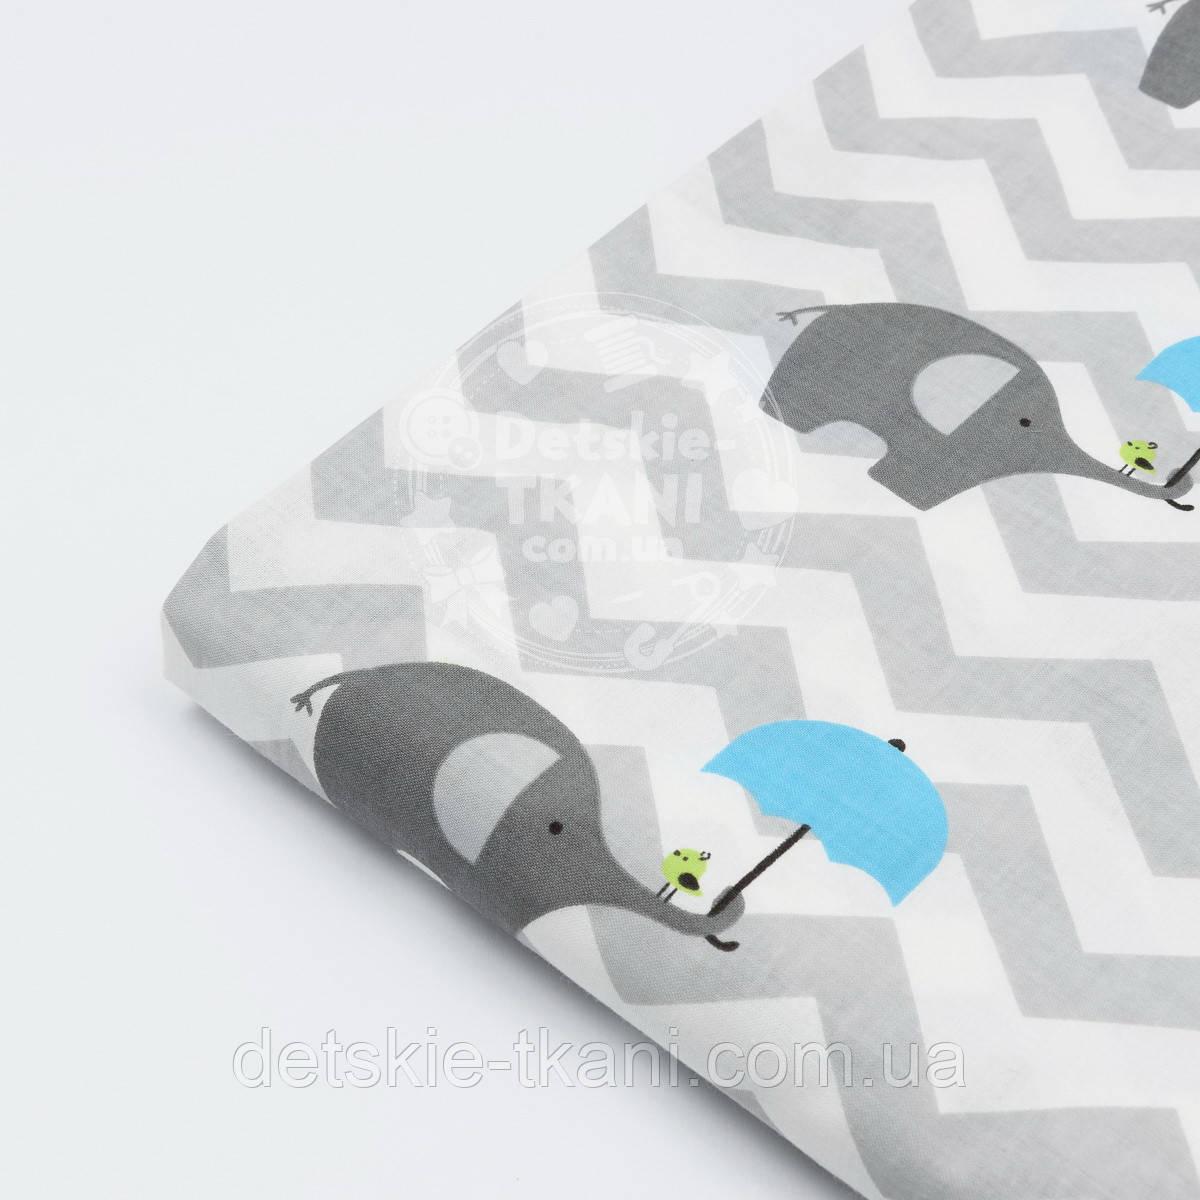 Отрез ткани №189а бязь со слониками с голубыми  зонтикам, размер 72*160